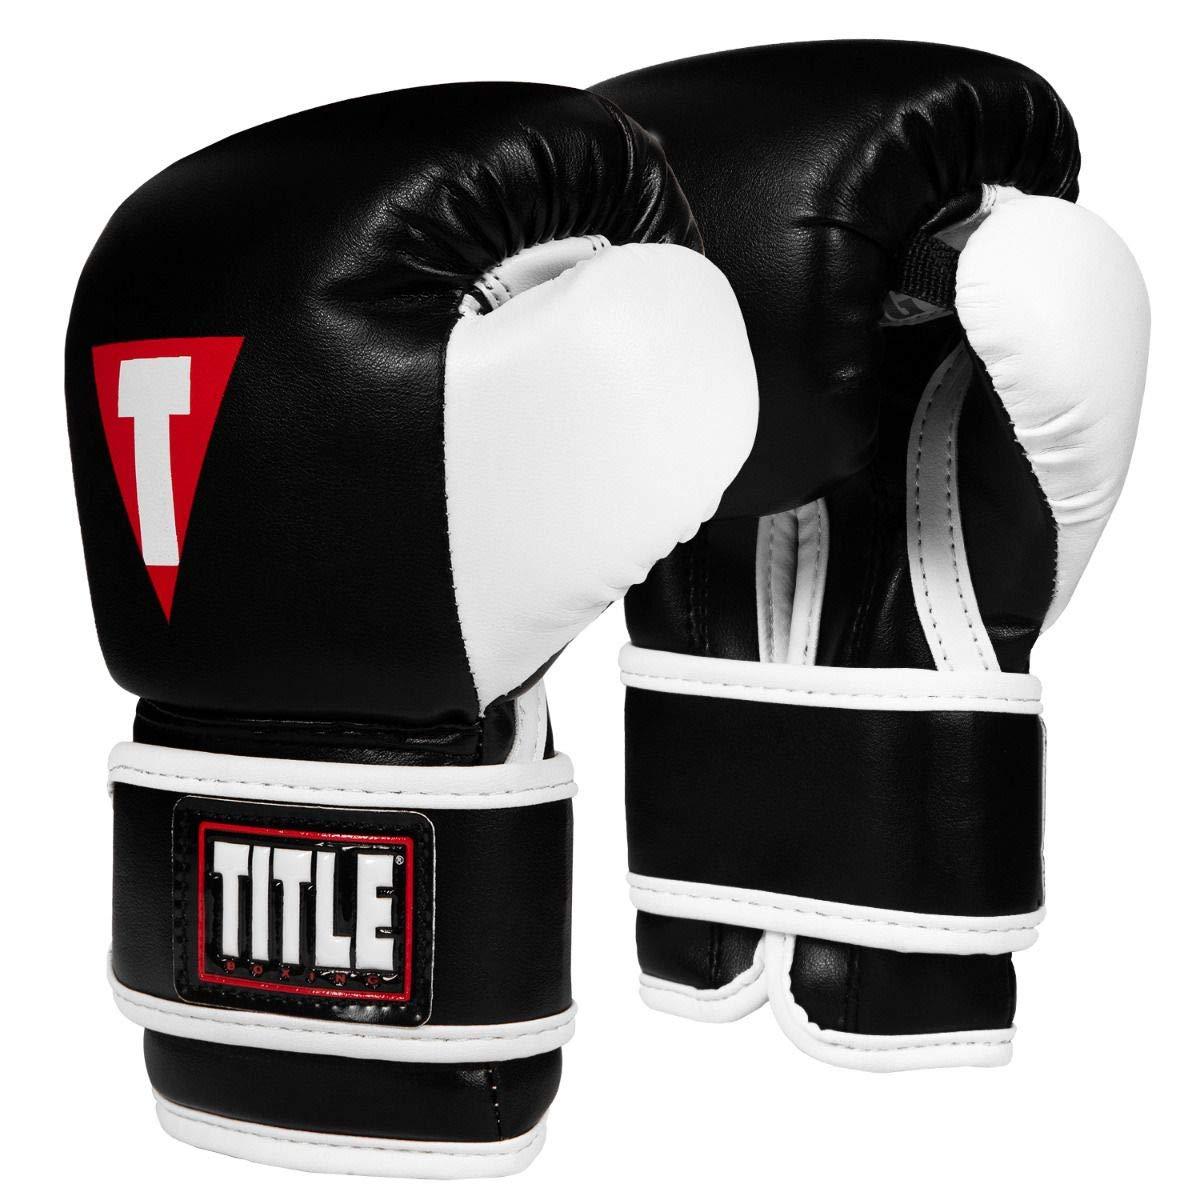 Title ボクシングユースバッググローブ ブラック/ホワイト 4 oz